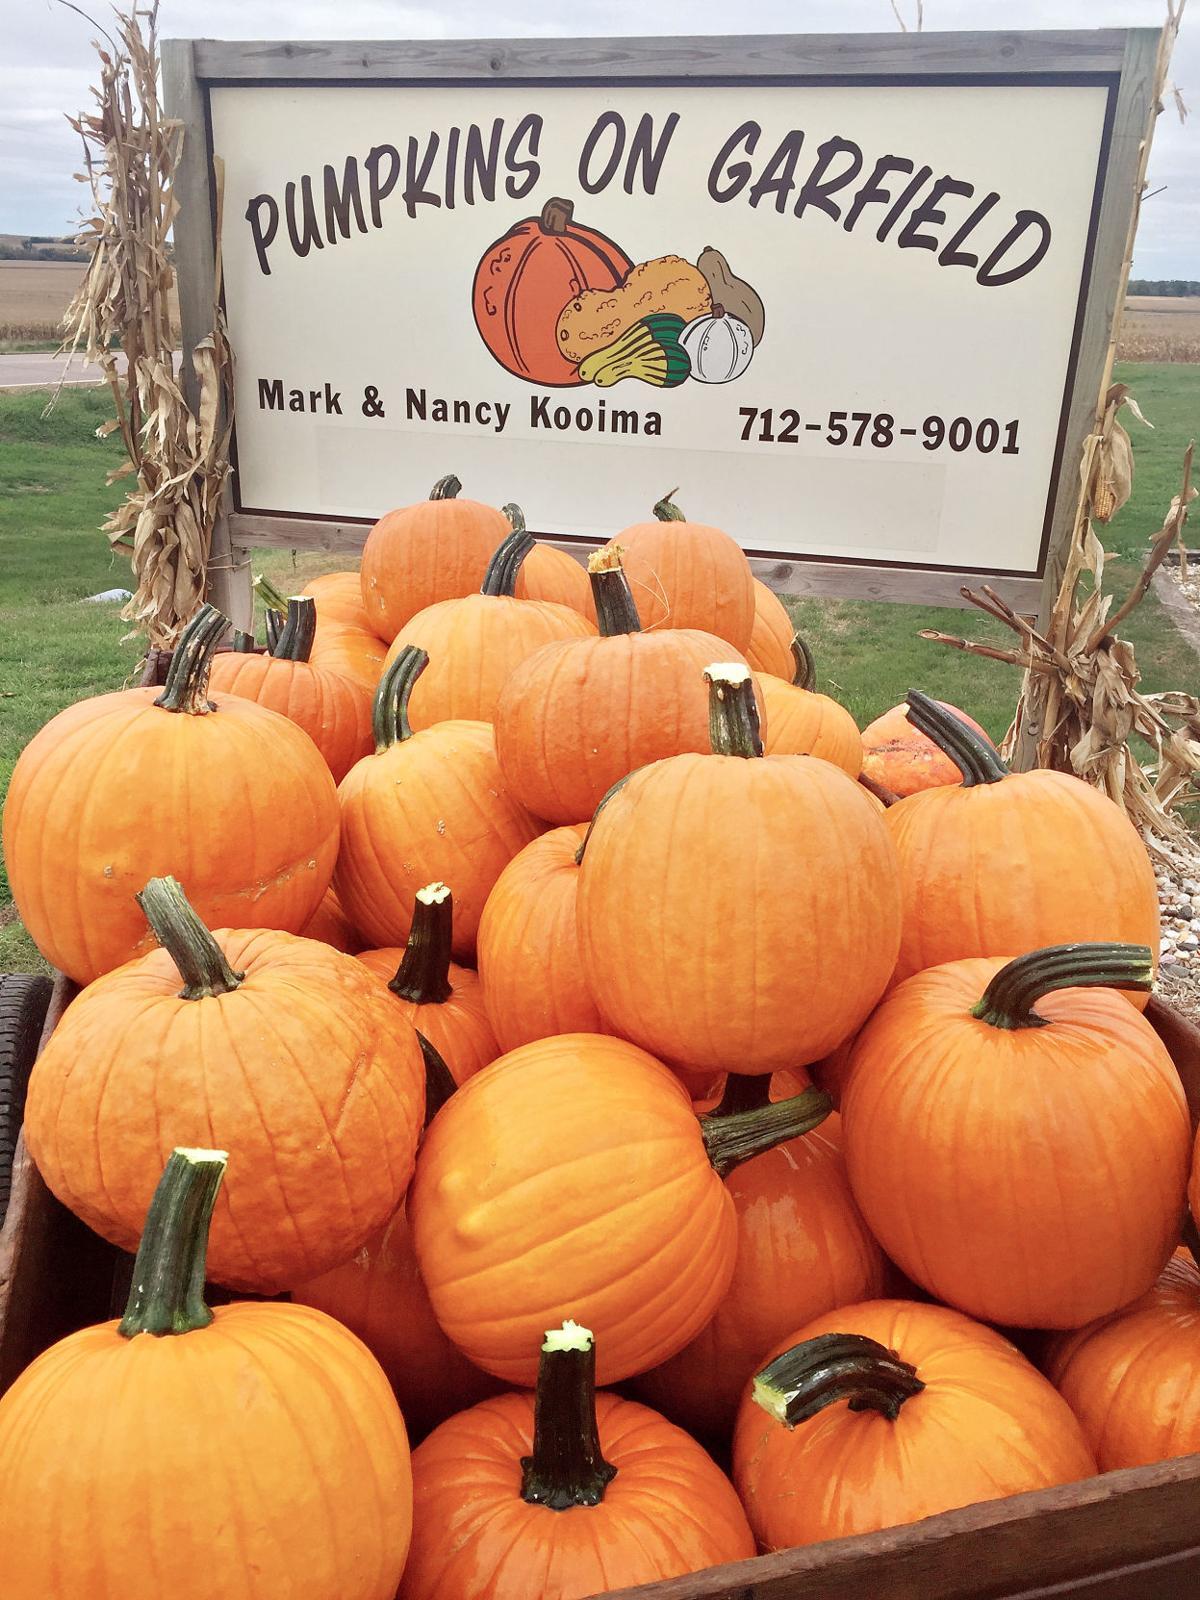 Pumpkins on Garfield 2